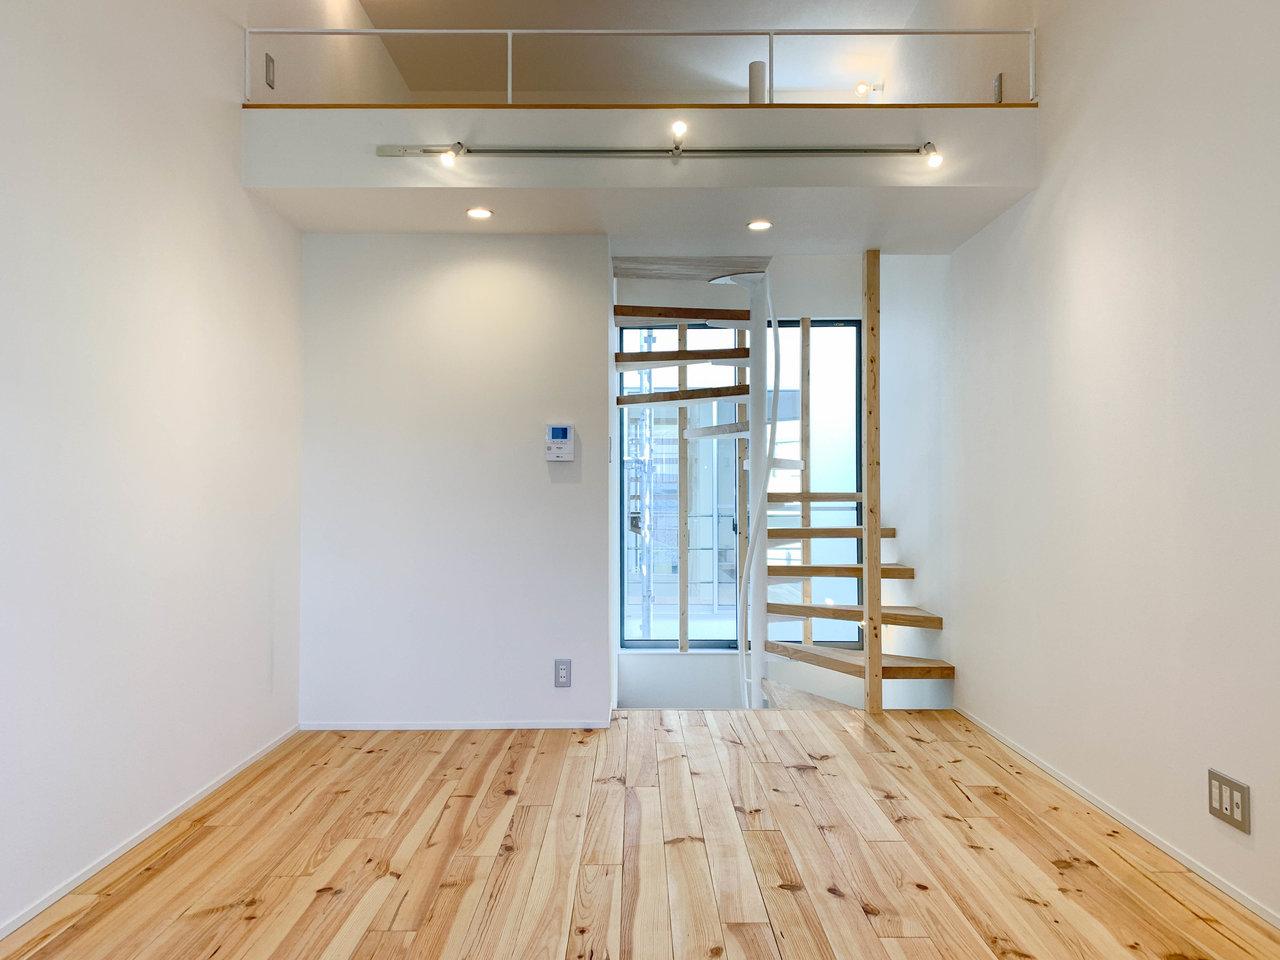 こちらも1件目と同じ建物内の物件。ですが間取りはまた少し違います。2階+ロフトという構造です。1階の土間スペースは収納と寝室に、2階をリビングにしましょう。玄関横の寝室が気になる方は、ロフトを寝室にしてもいいですね。